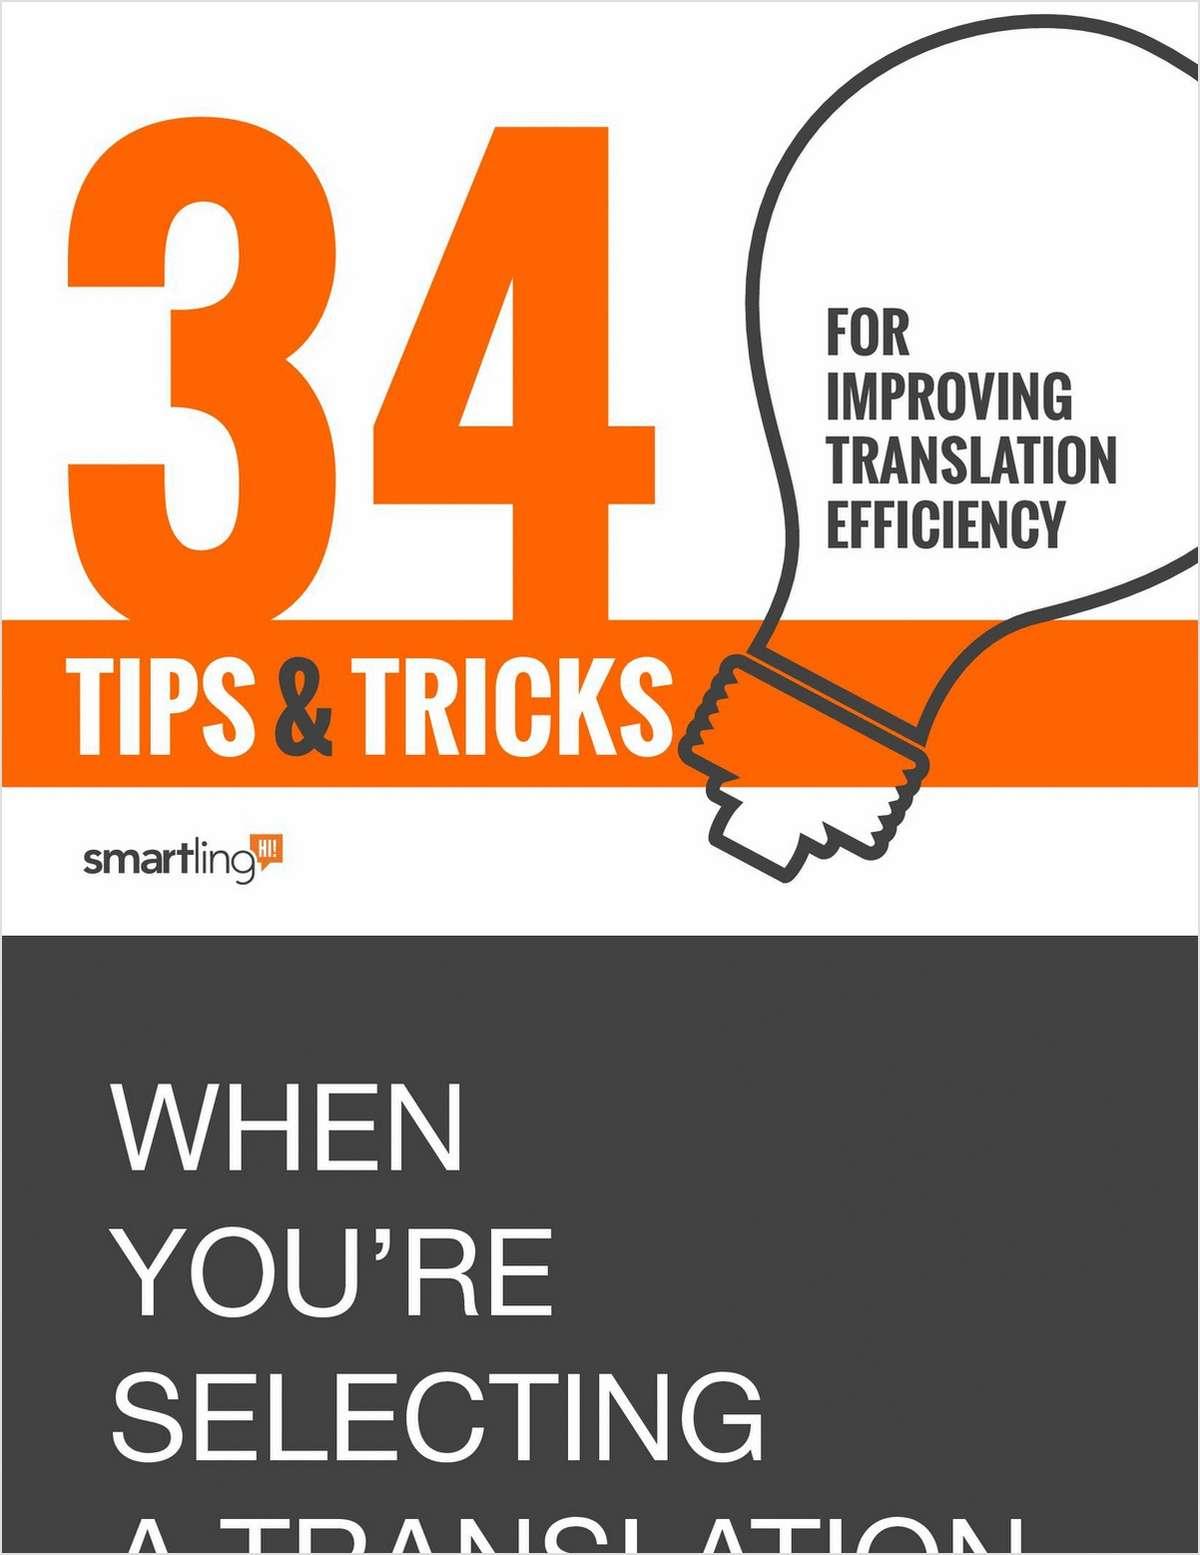 34 Tips & Tricks for Improving Translation Efficiency